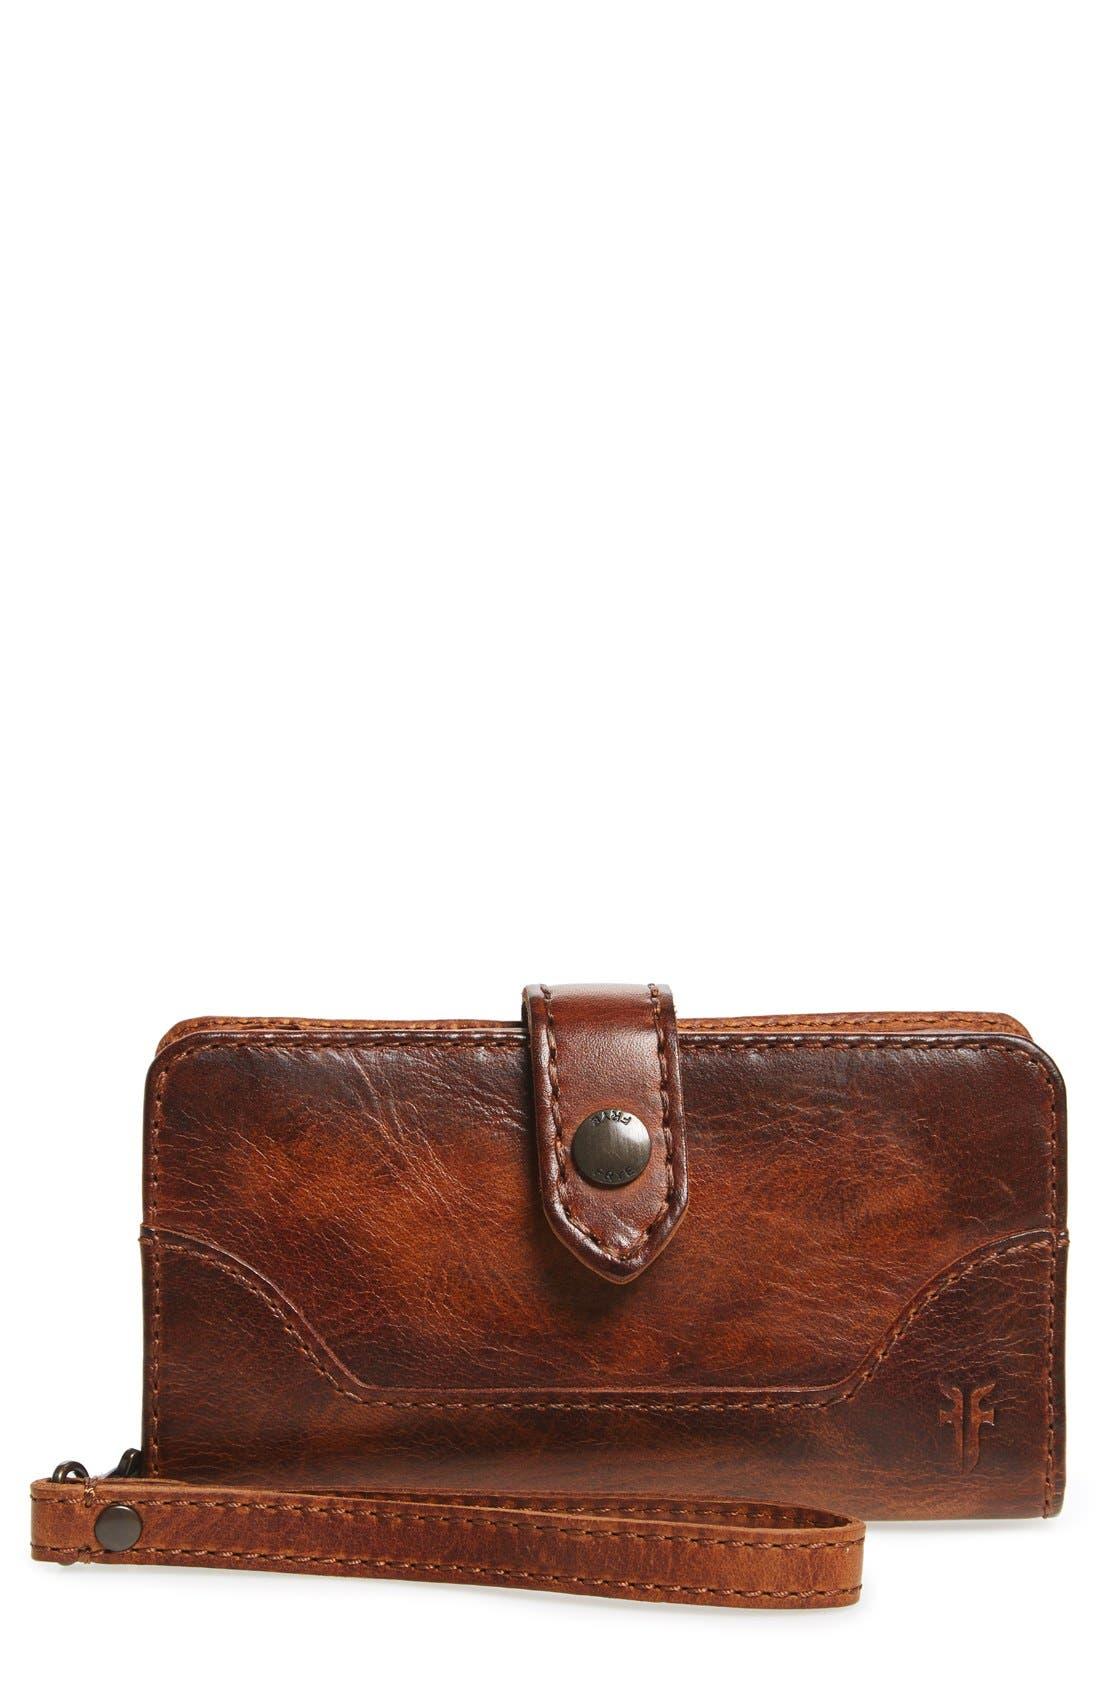 'Melissa' Leather Phone Wallet,                             Main thumbnail 1, color,                             Cognac